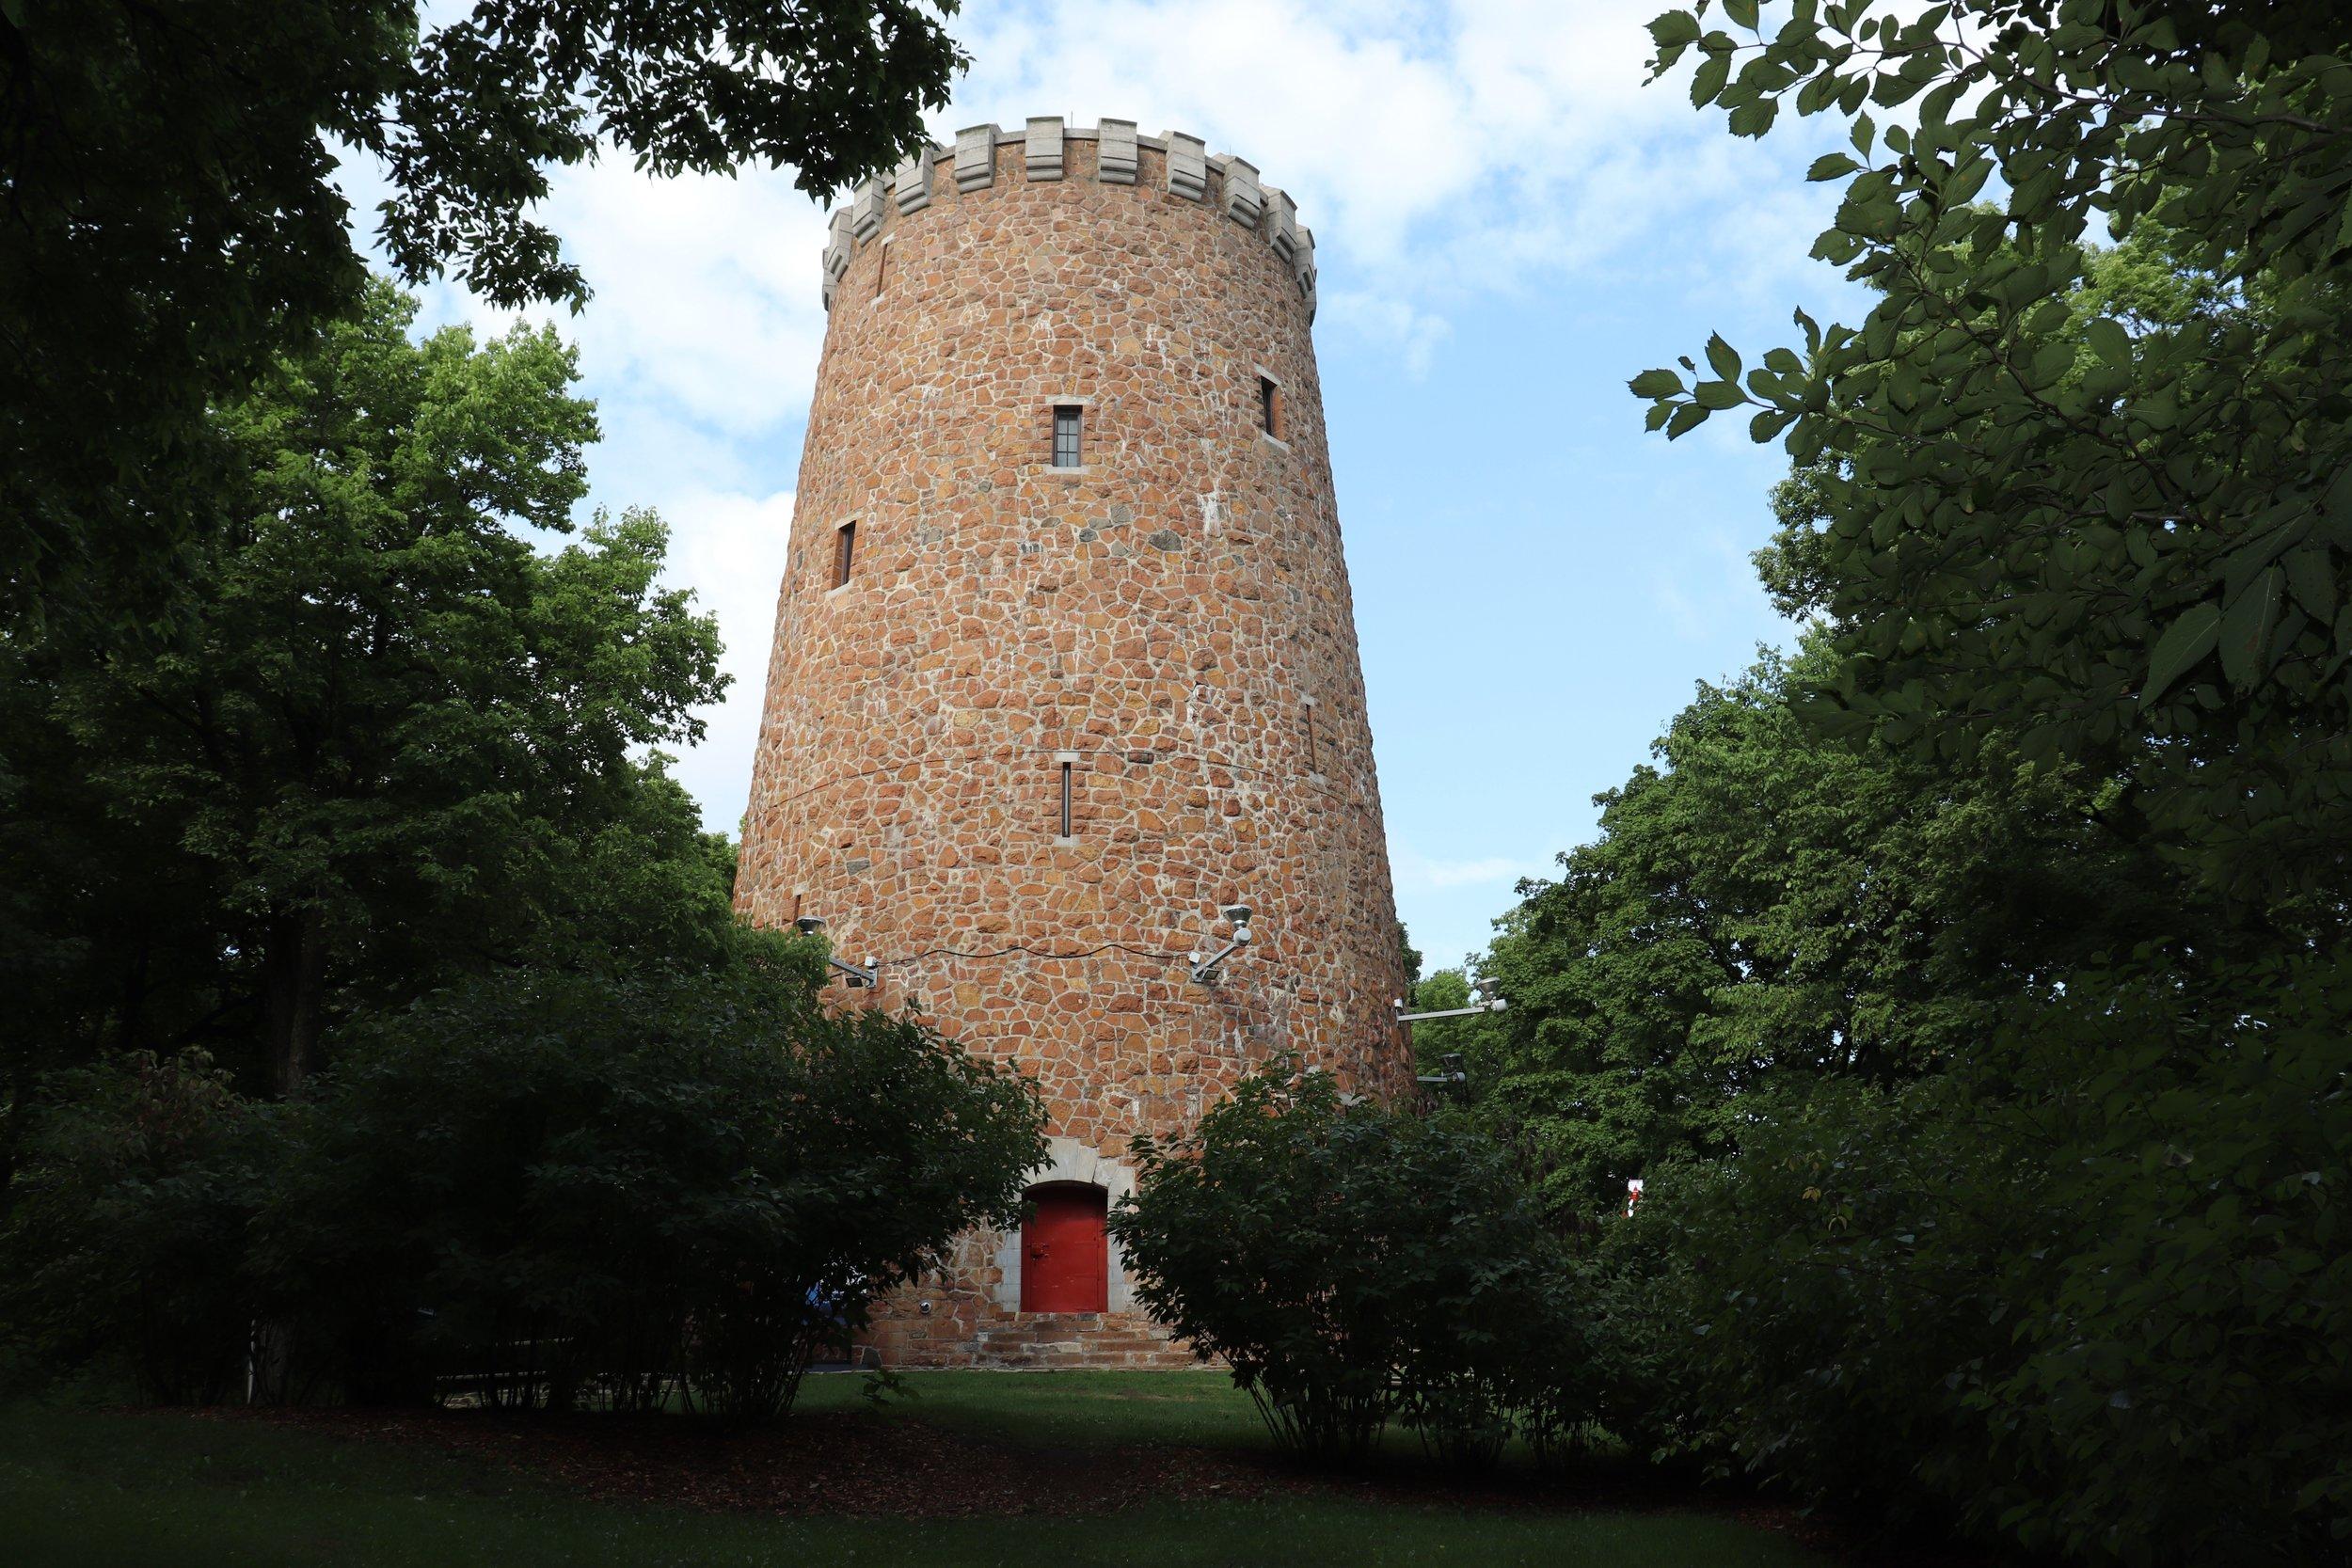 Ouverte aux visiteurs cet été, la Tour de Lévis offre un panorama sur 360 degrés